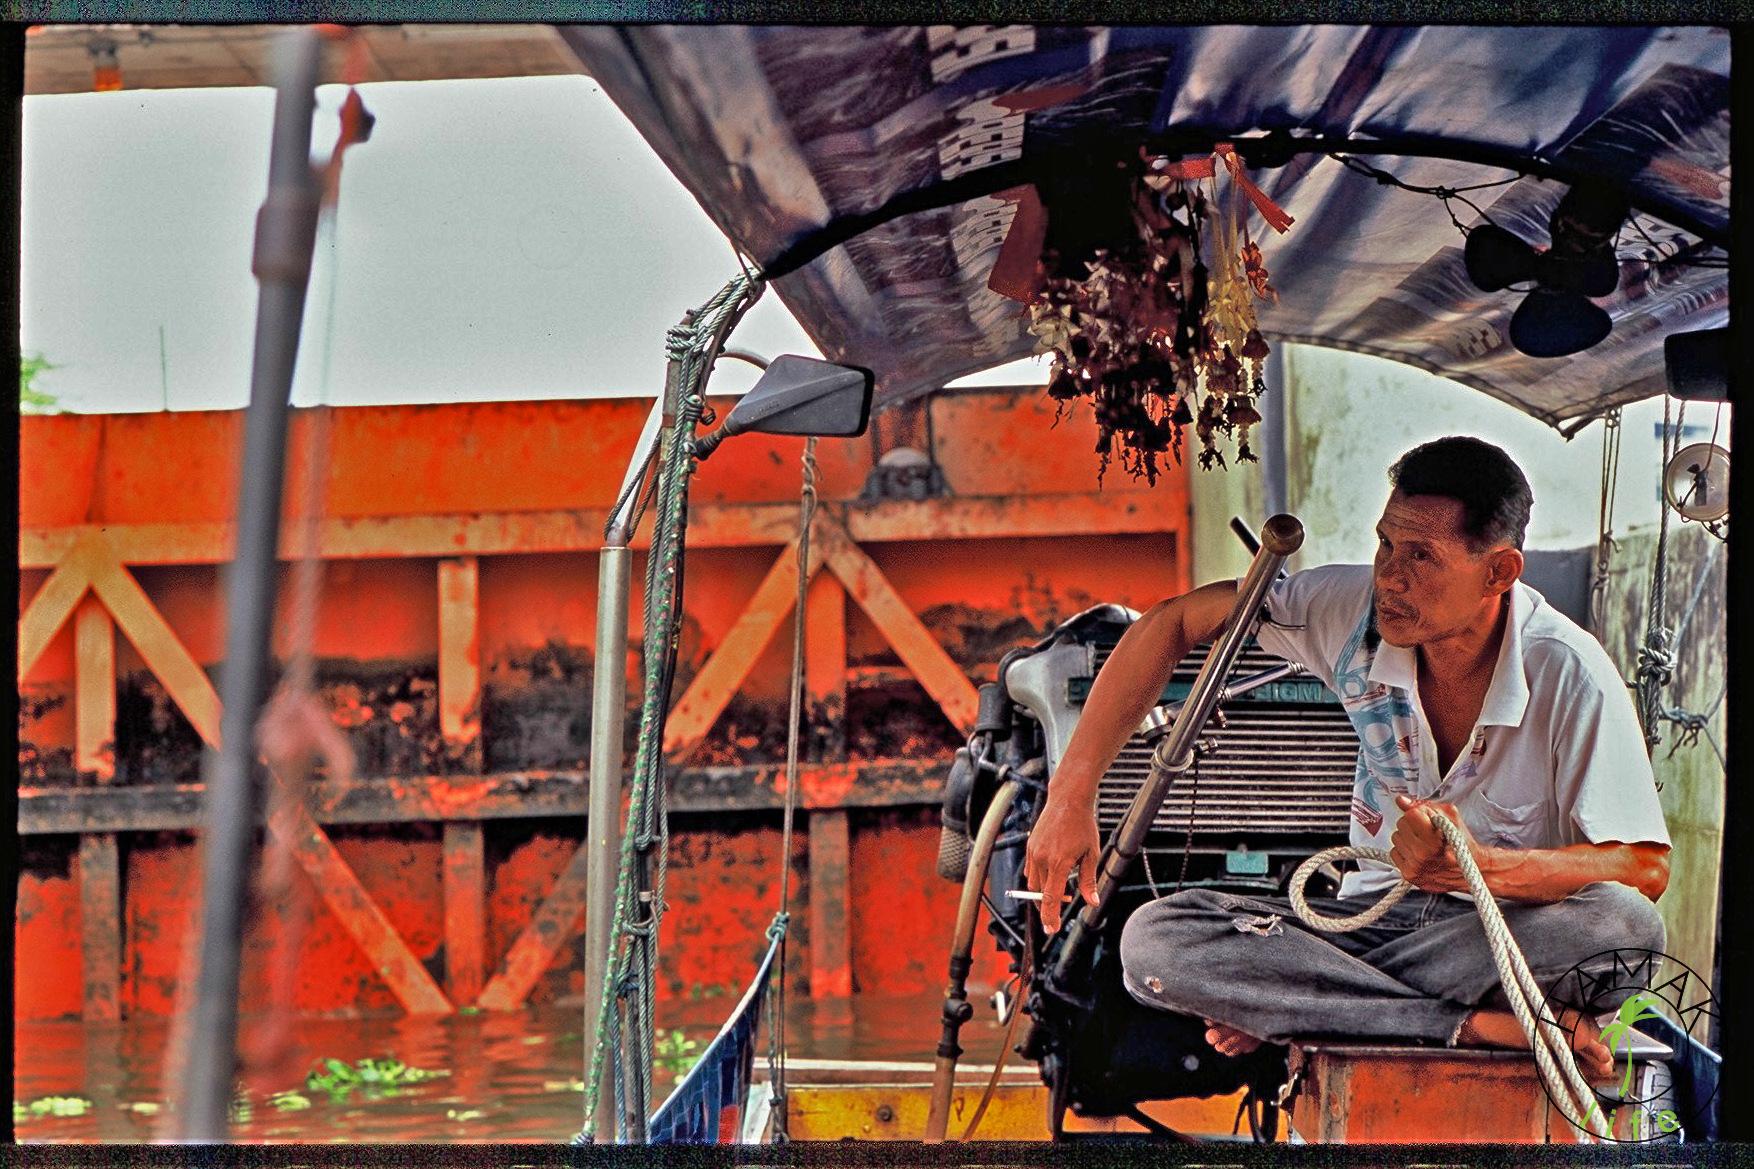 Kanały w Bangkoku. To tutaj John Burdett m.in mapuje akcje swoich powieści